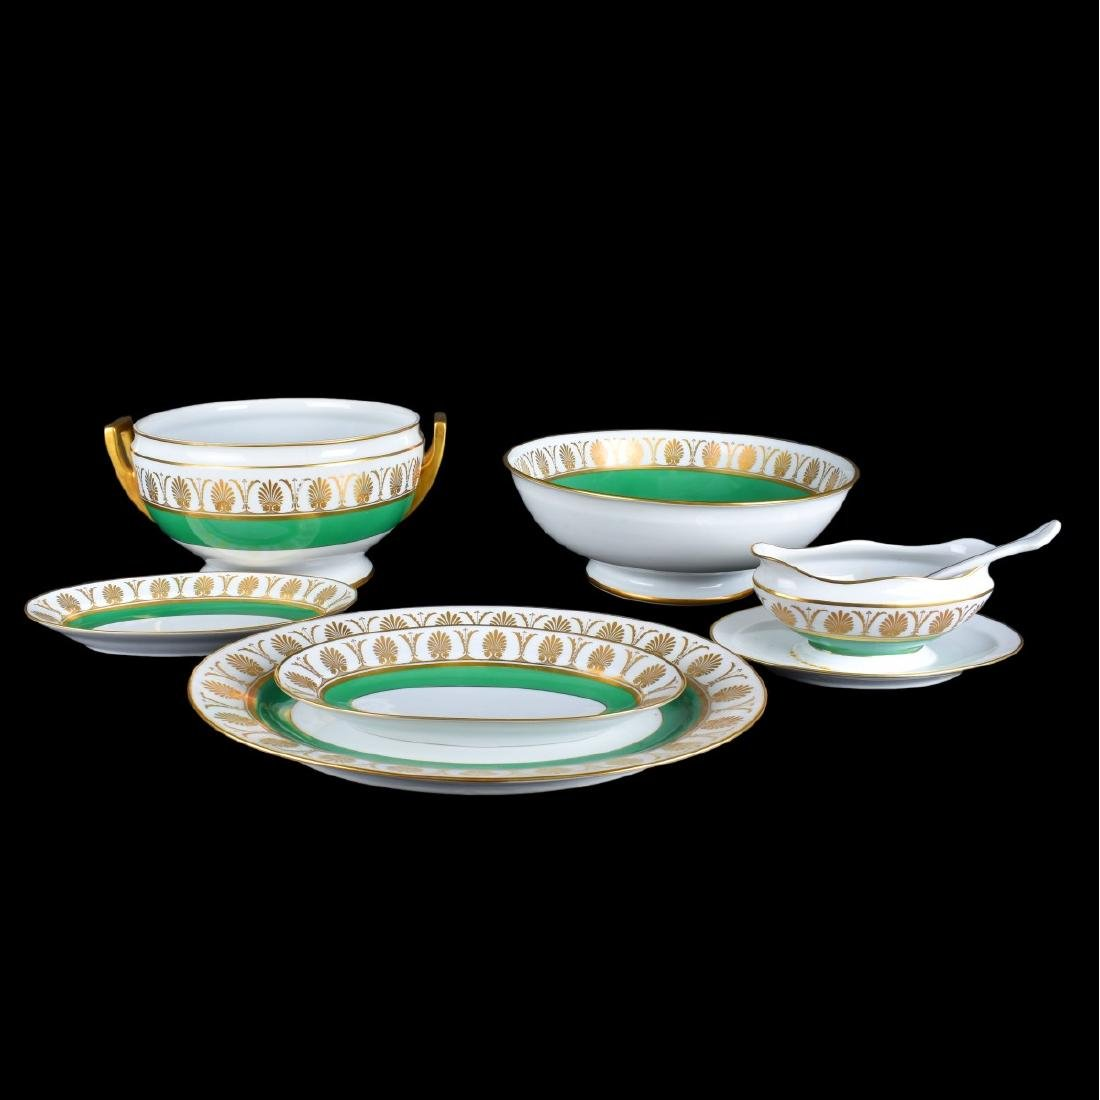 Richard Ginori Pompei Dinnerware - 3